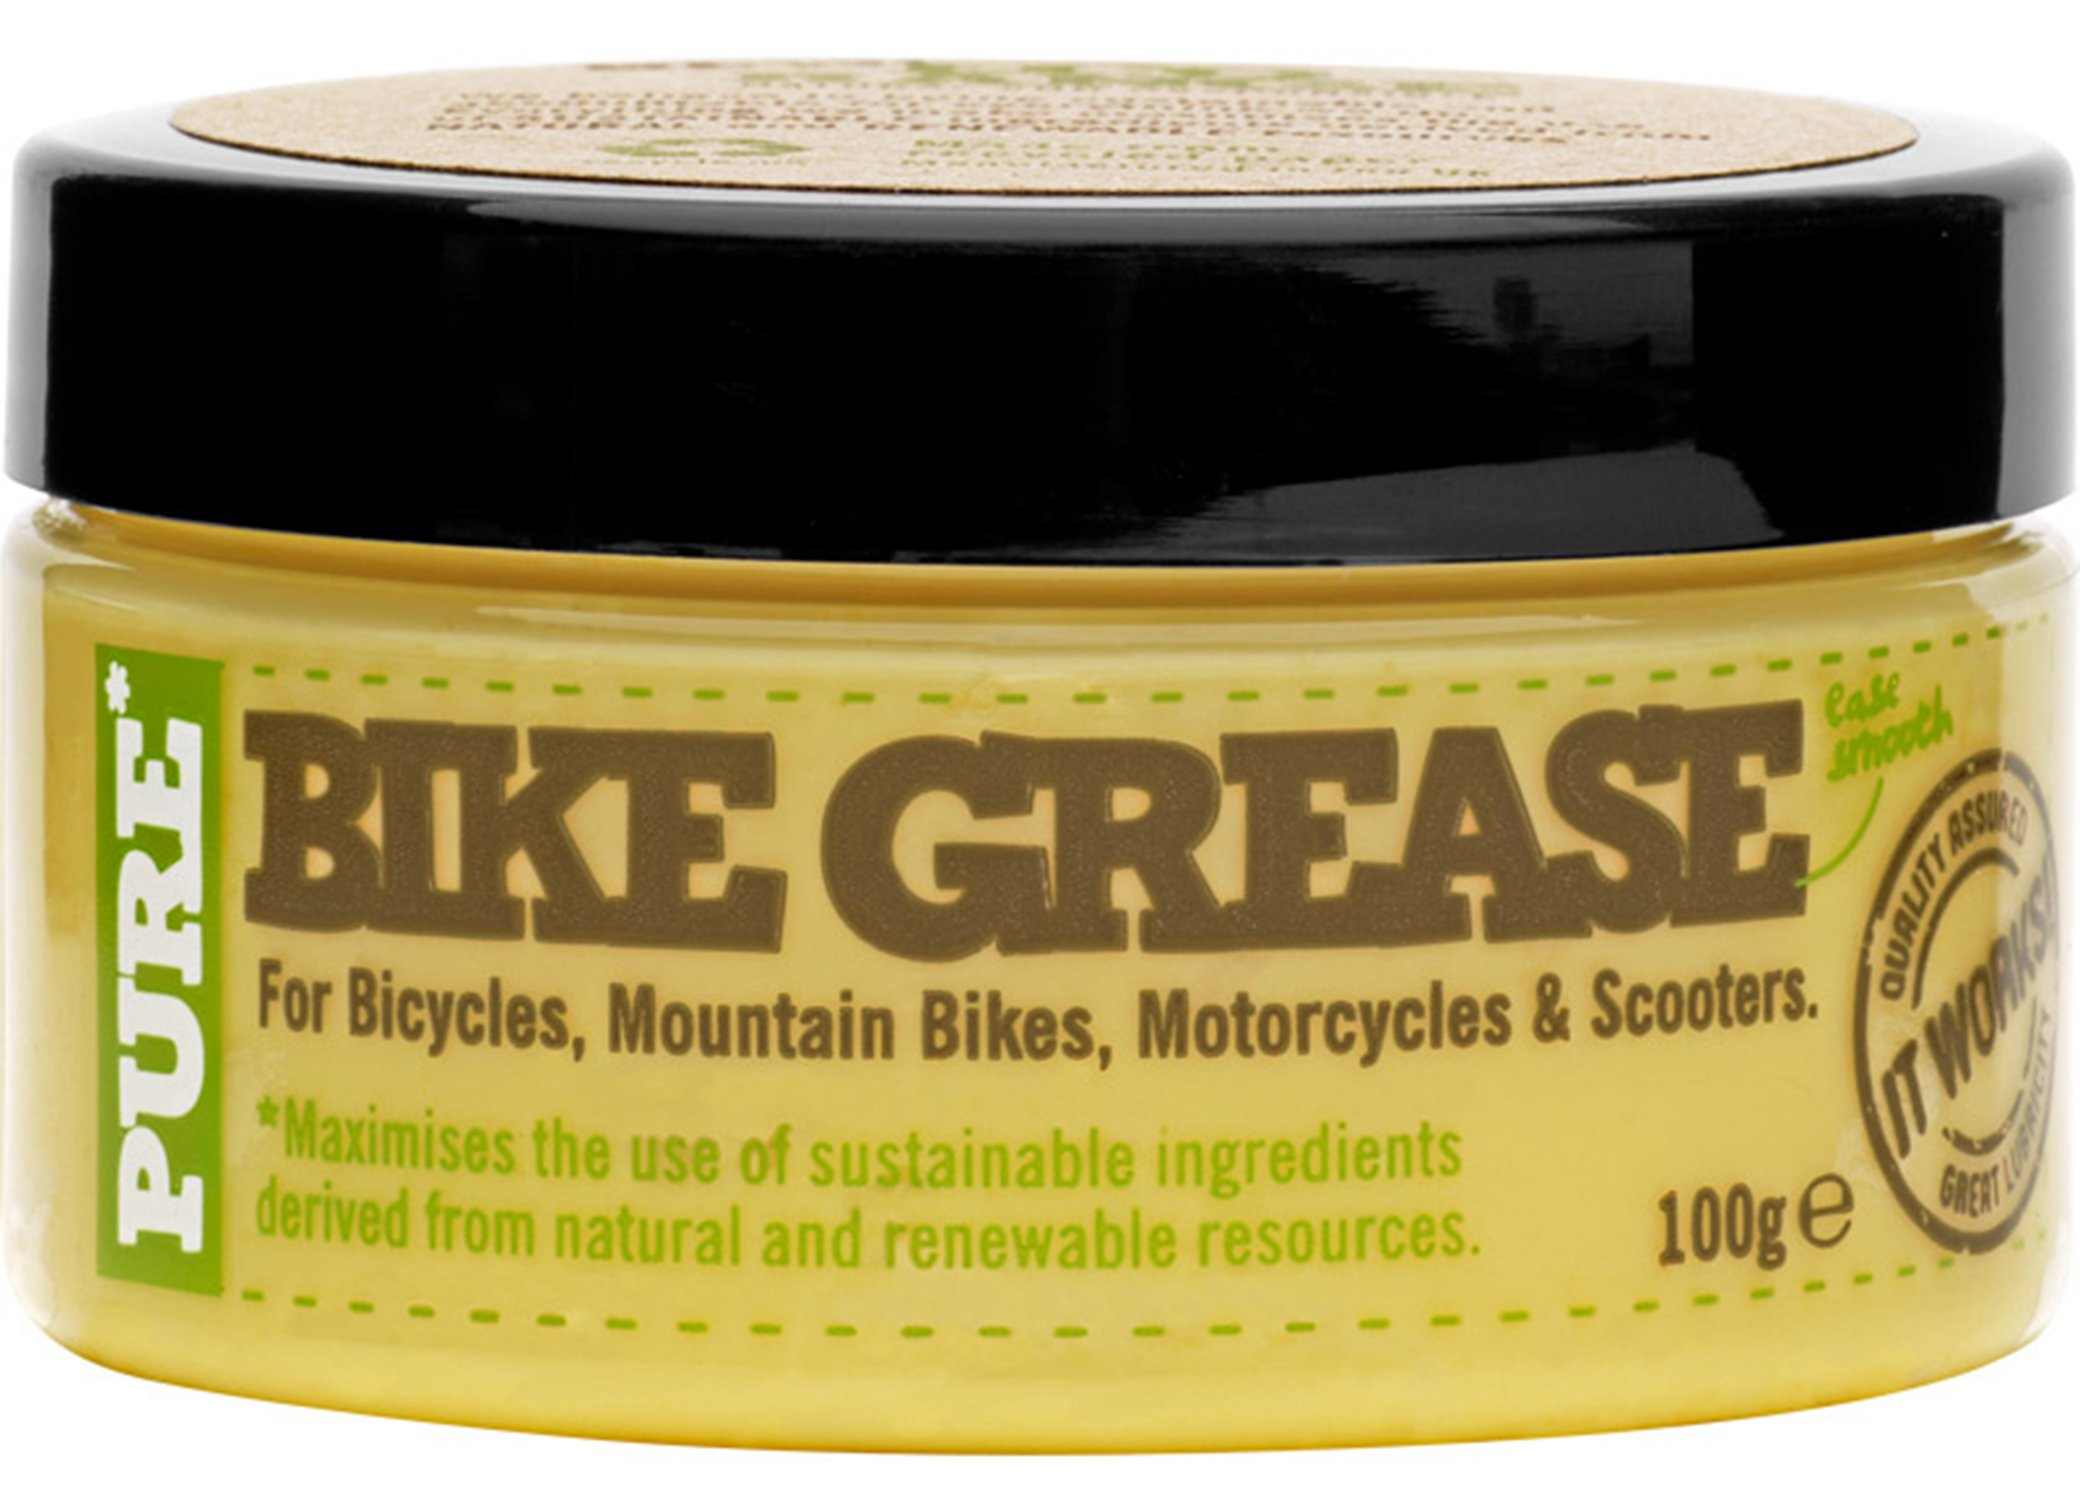 Pure Bike Grease, 3.5-Ounce